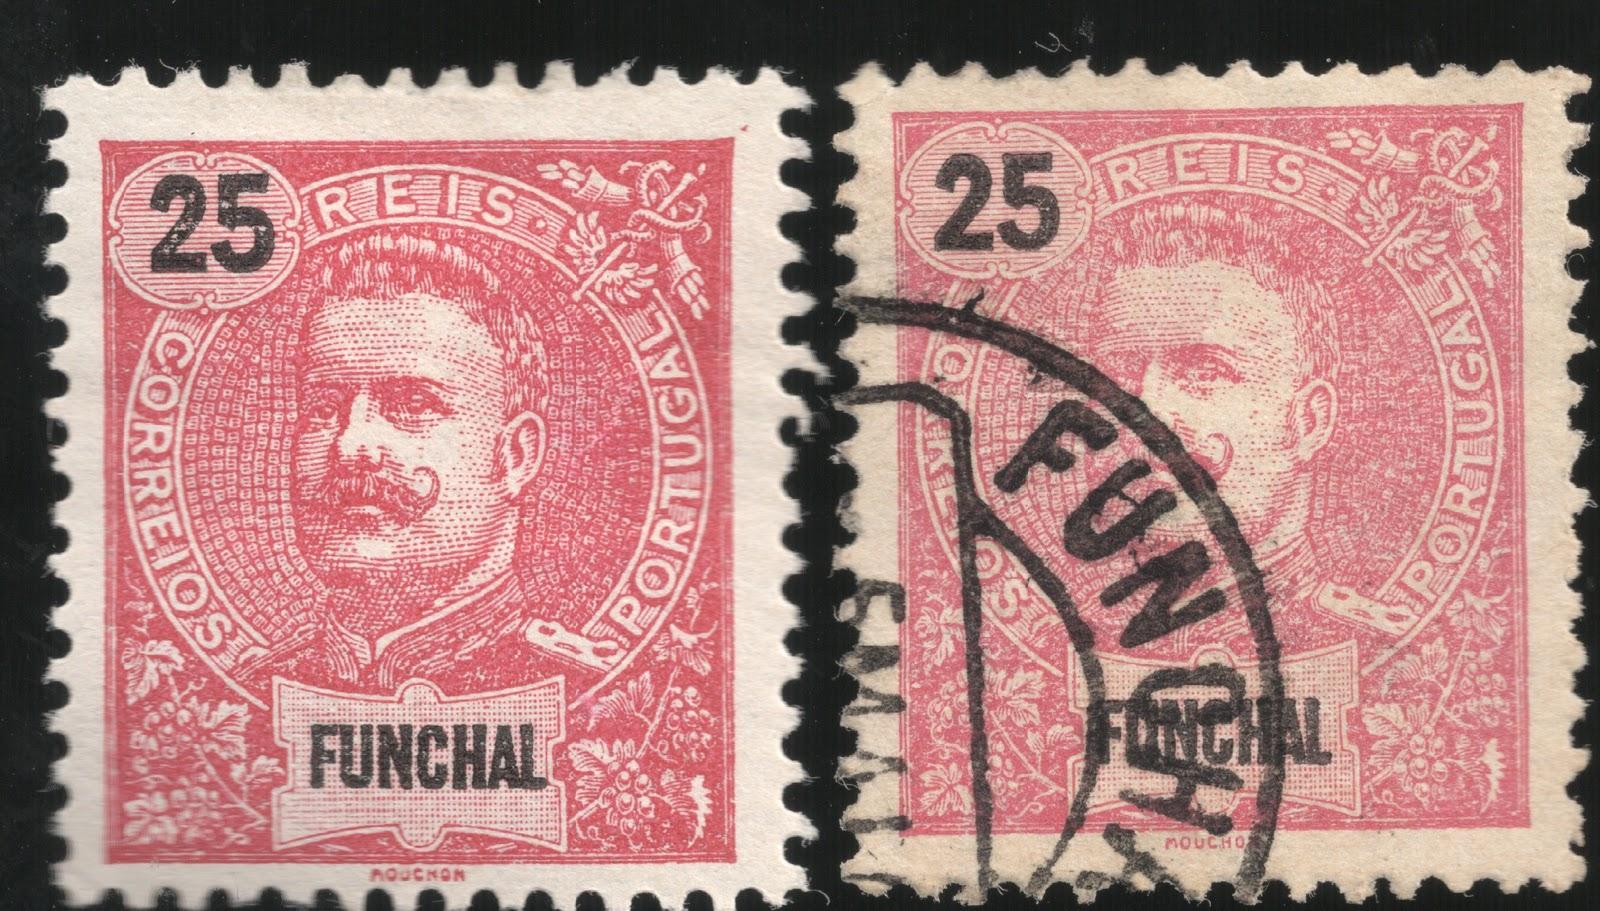 http://2.bp.blogspot.com/-WUZyByq34Ek/Tx26O8WTqpI/AAAAAAAAB-Y/Eg1_8grnybs/s1600/Scan_Funchal2020b.jpg